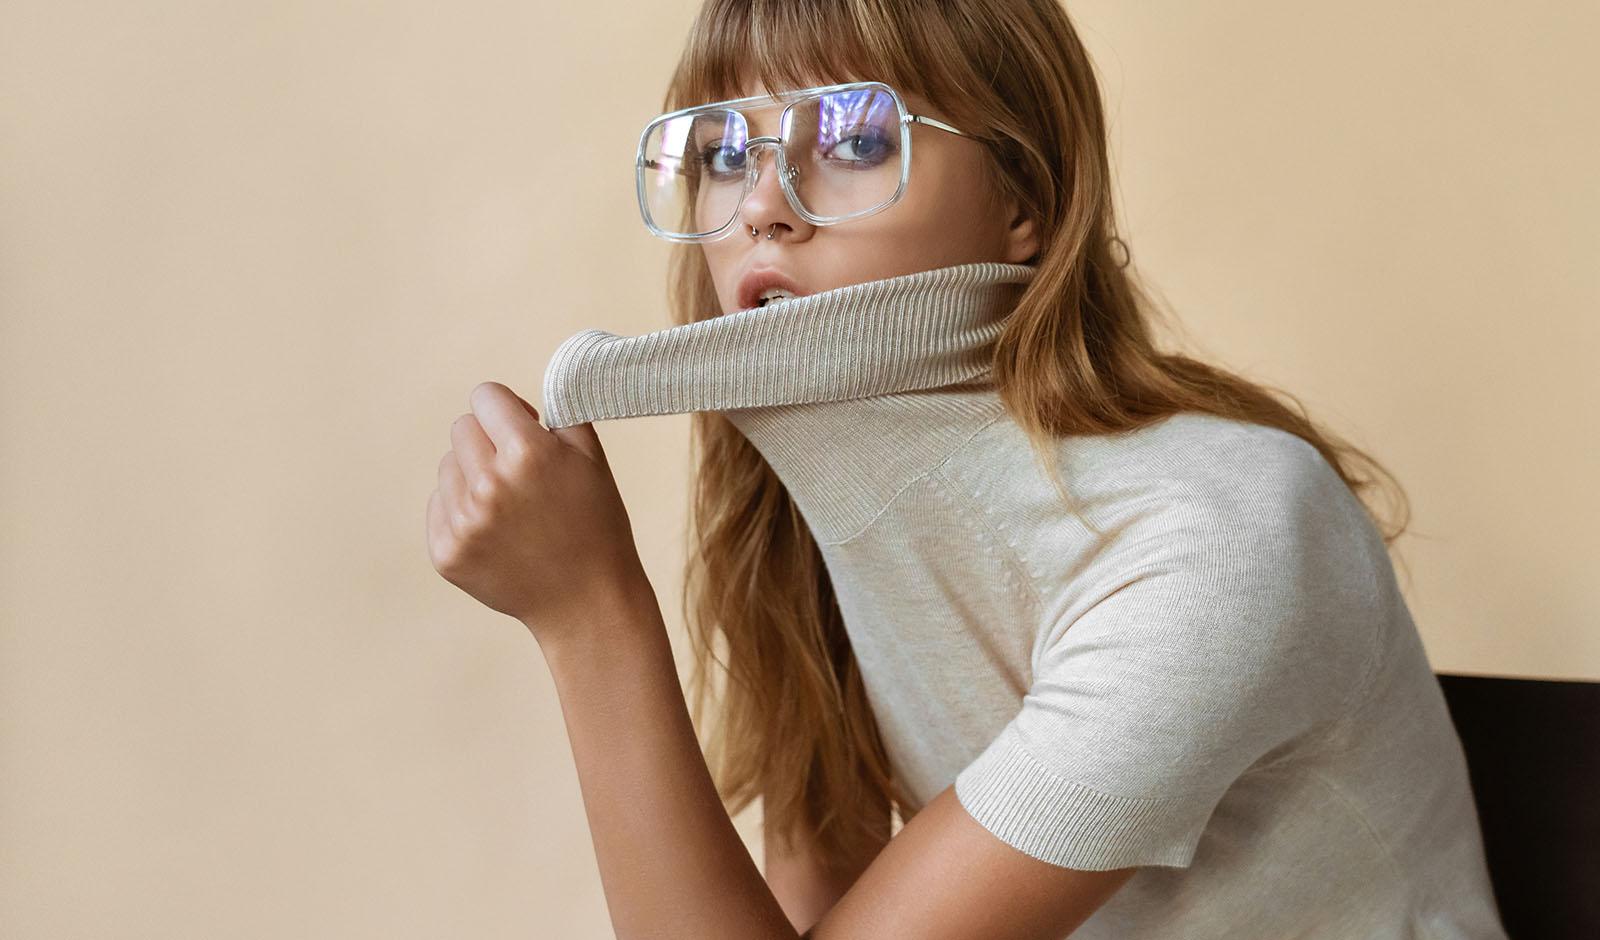 Stylish beautiful fashion girl wear trendy sunglasses looking at camera.